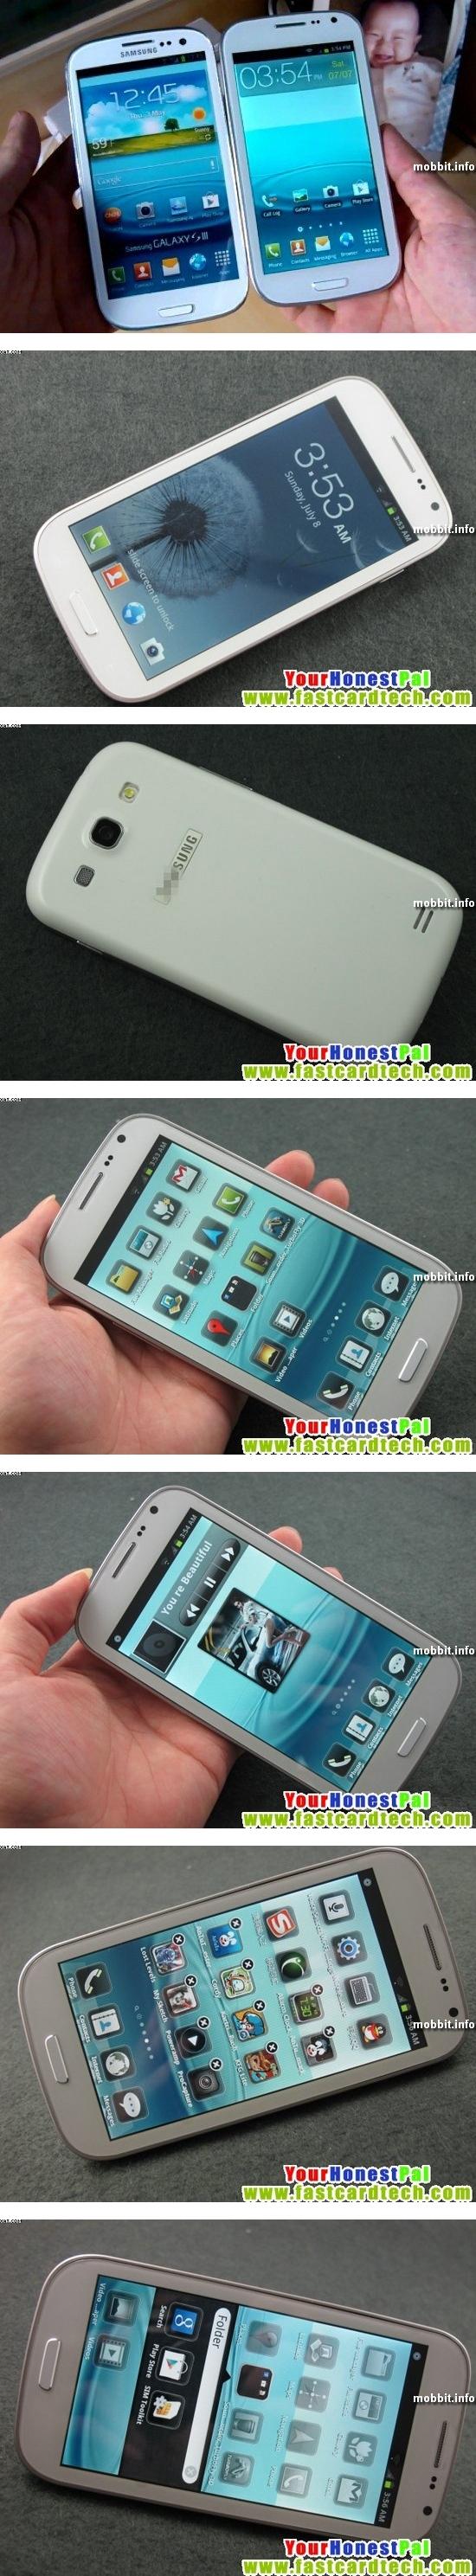 HDC Galaxy S3